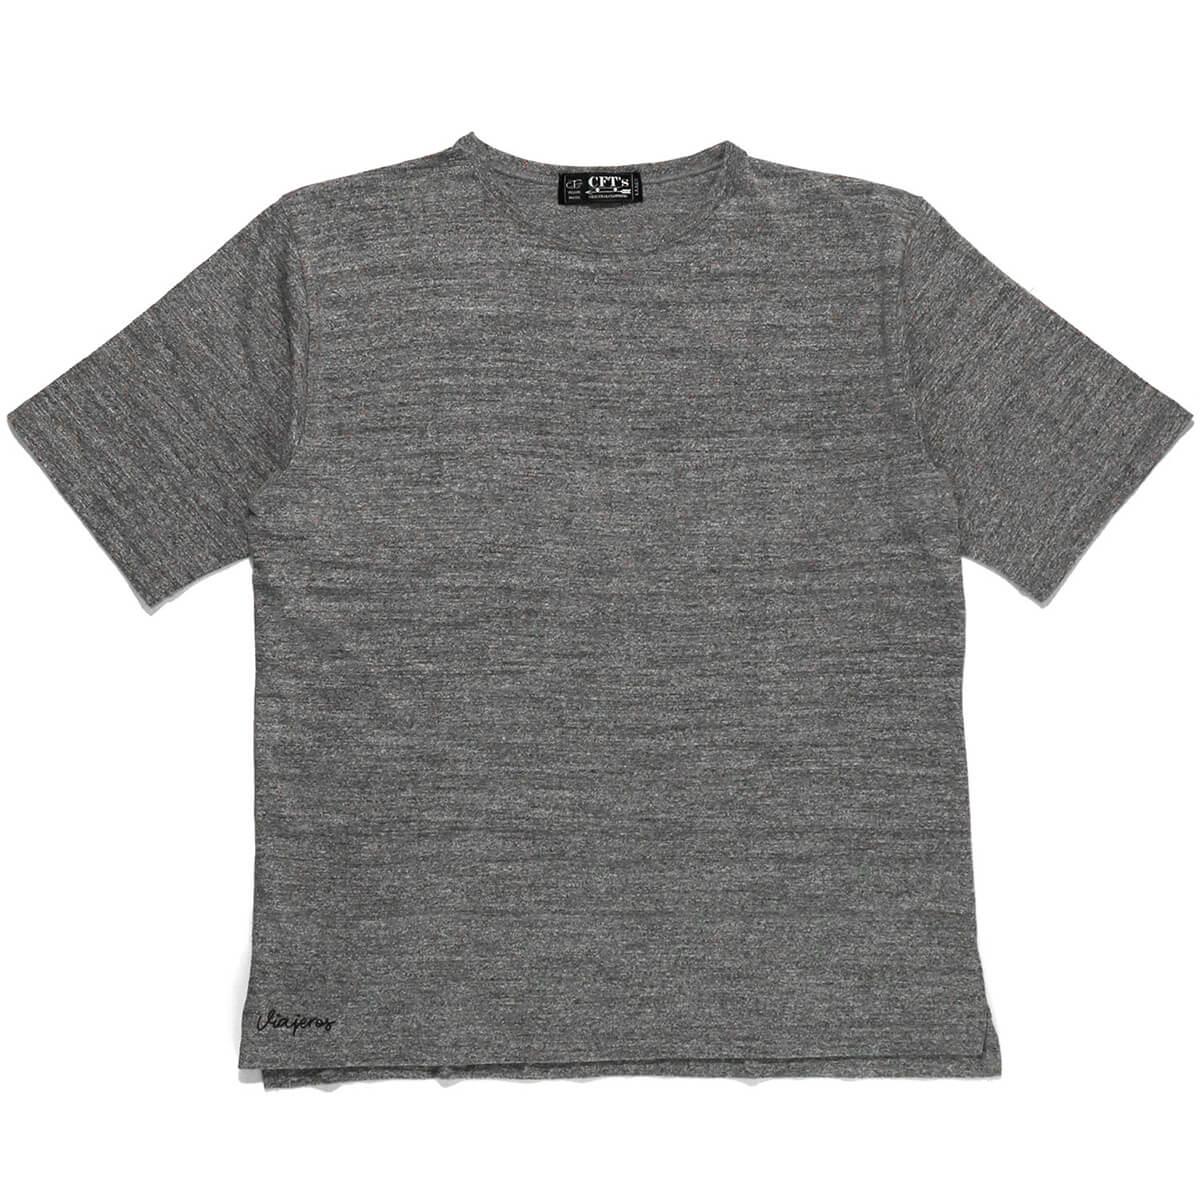 爆安プライス セットアップ 送料無料 正規品 ブランド 通販 あす楽 CFT'S シーエフティーズ 半袖Tシャツ メンズ 男性 丸首 TEE t-shirt SLIT ティーシャツ CFT-S0719S 灰色 グレー カジュアル WHEEL SIDE LOOP GRAY 半そで